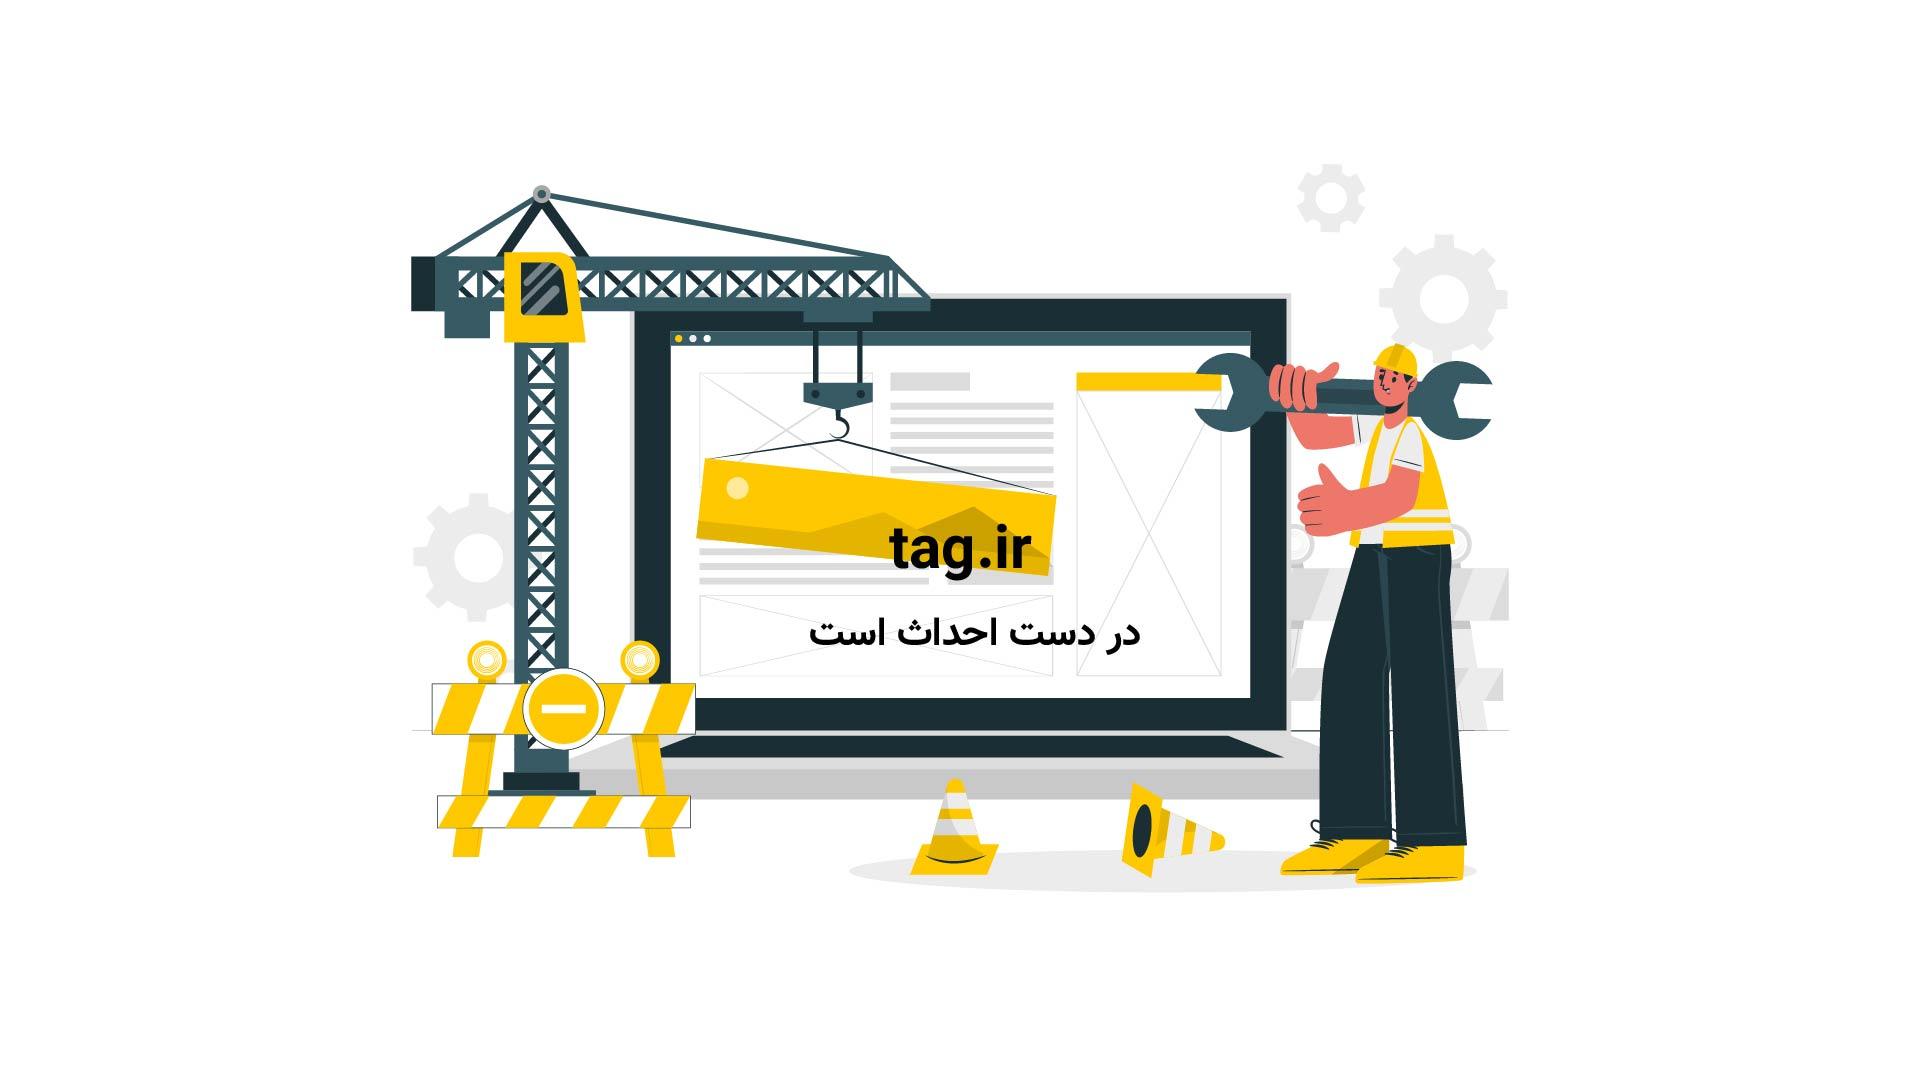 شکار گوساله کل یالدار توسط پلنگ و تلاش مادر برای نجاتش | فیلم